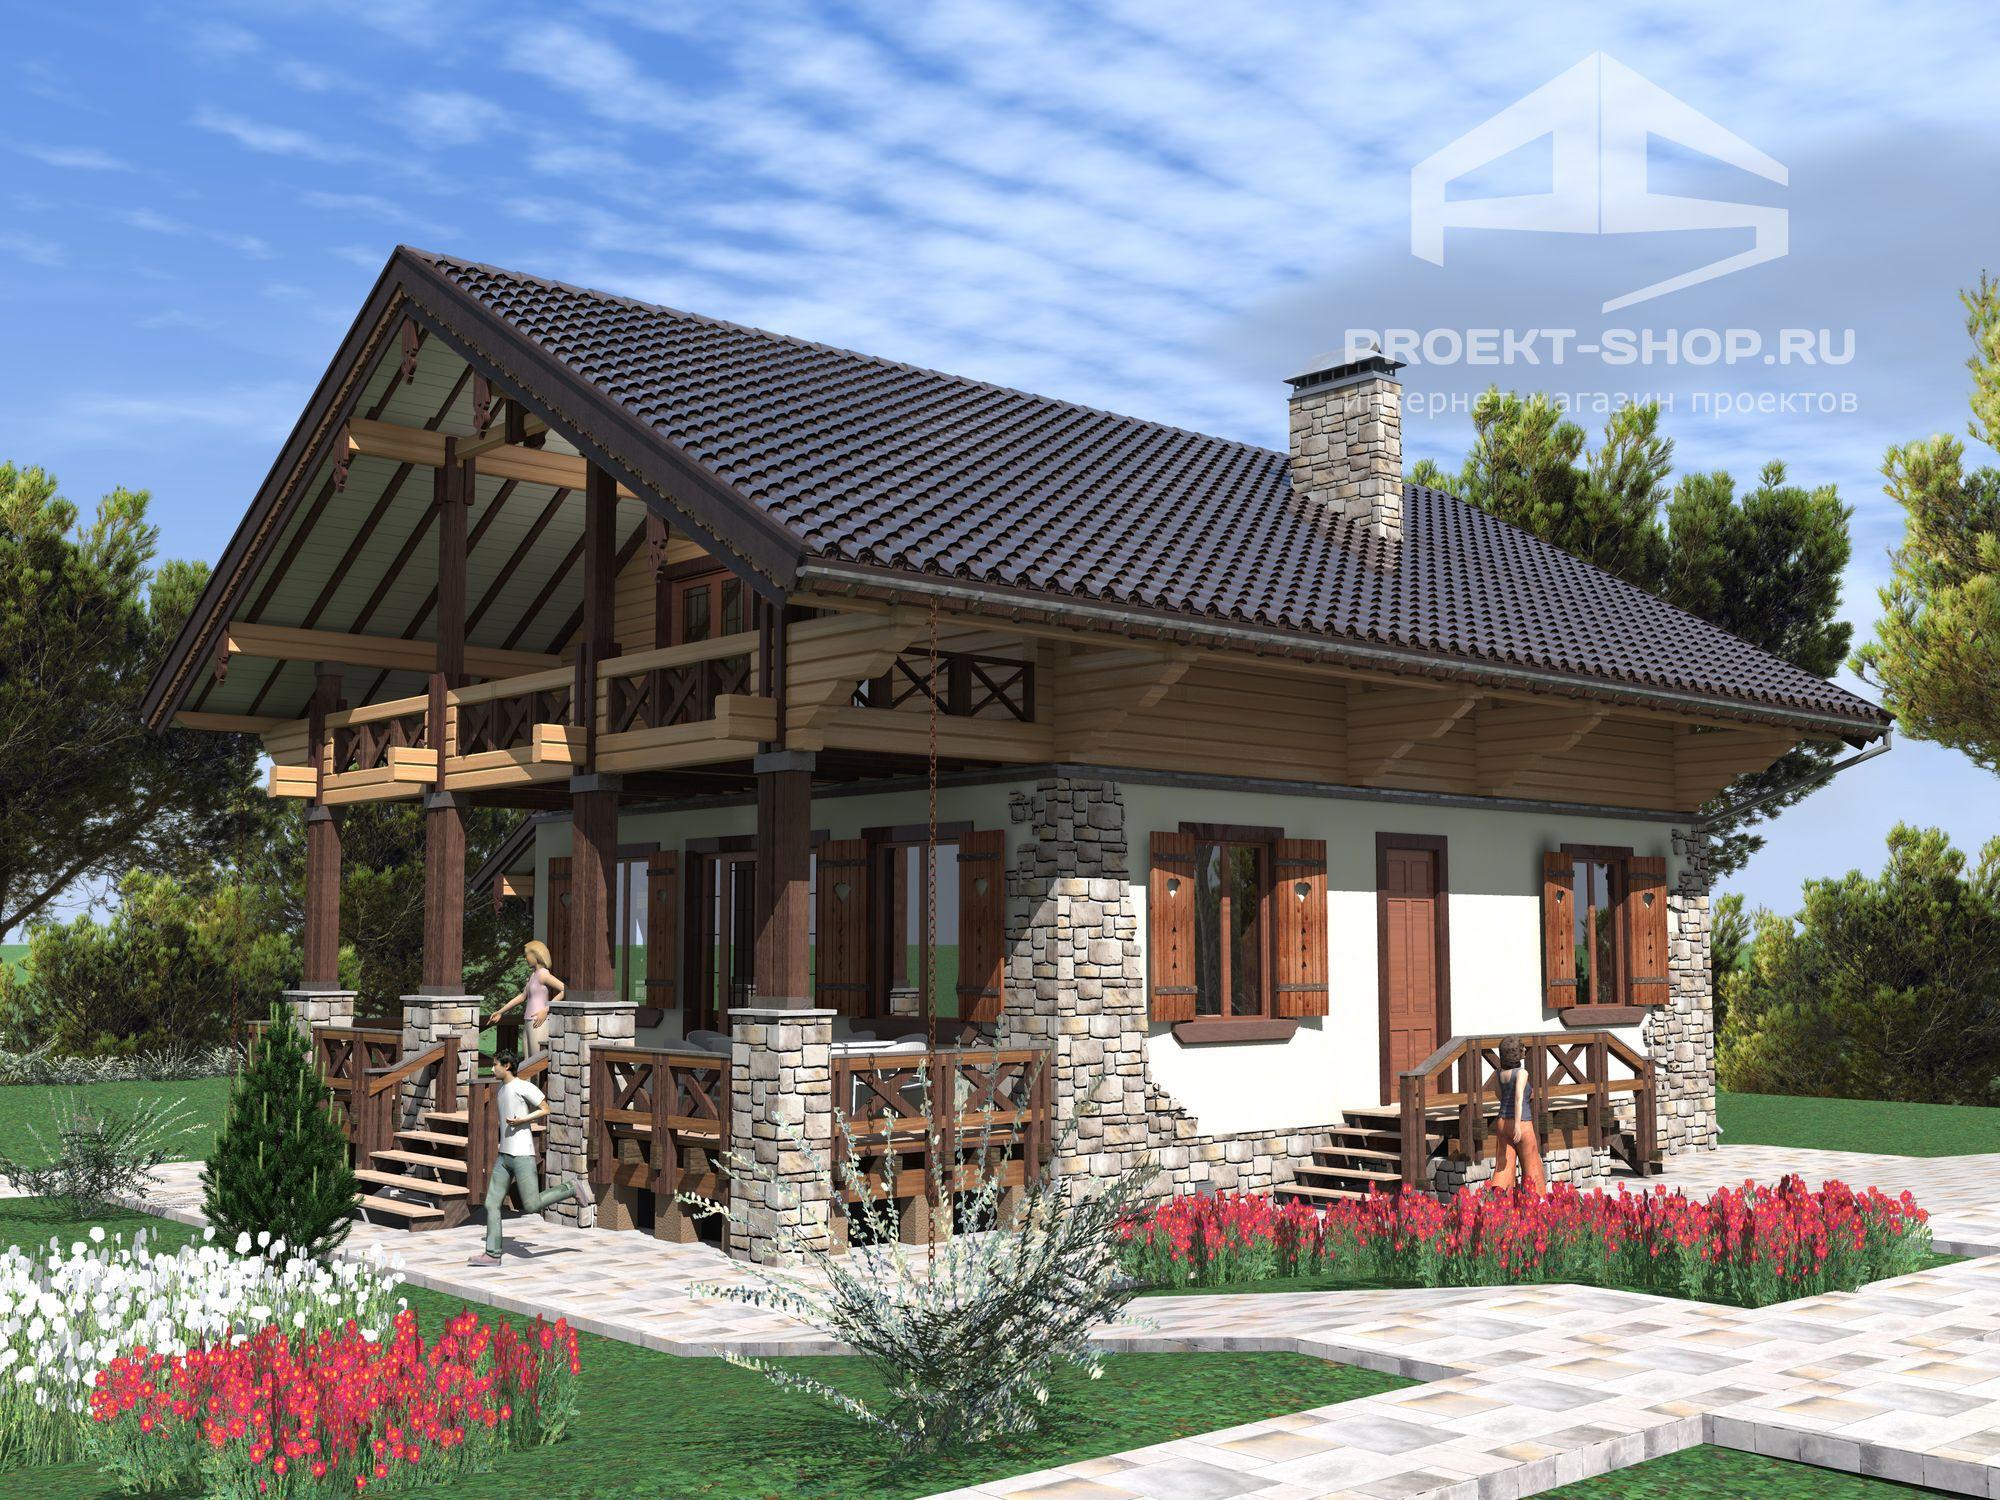 Casa De Rocas | Ev Planı, Ev Tasarım Planları, Ev Planları intérieur Chalet Bois 10M2